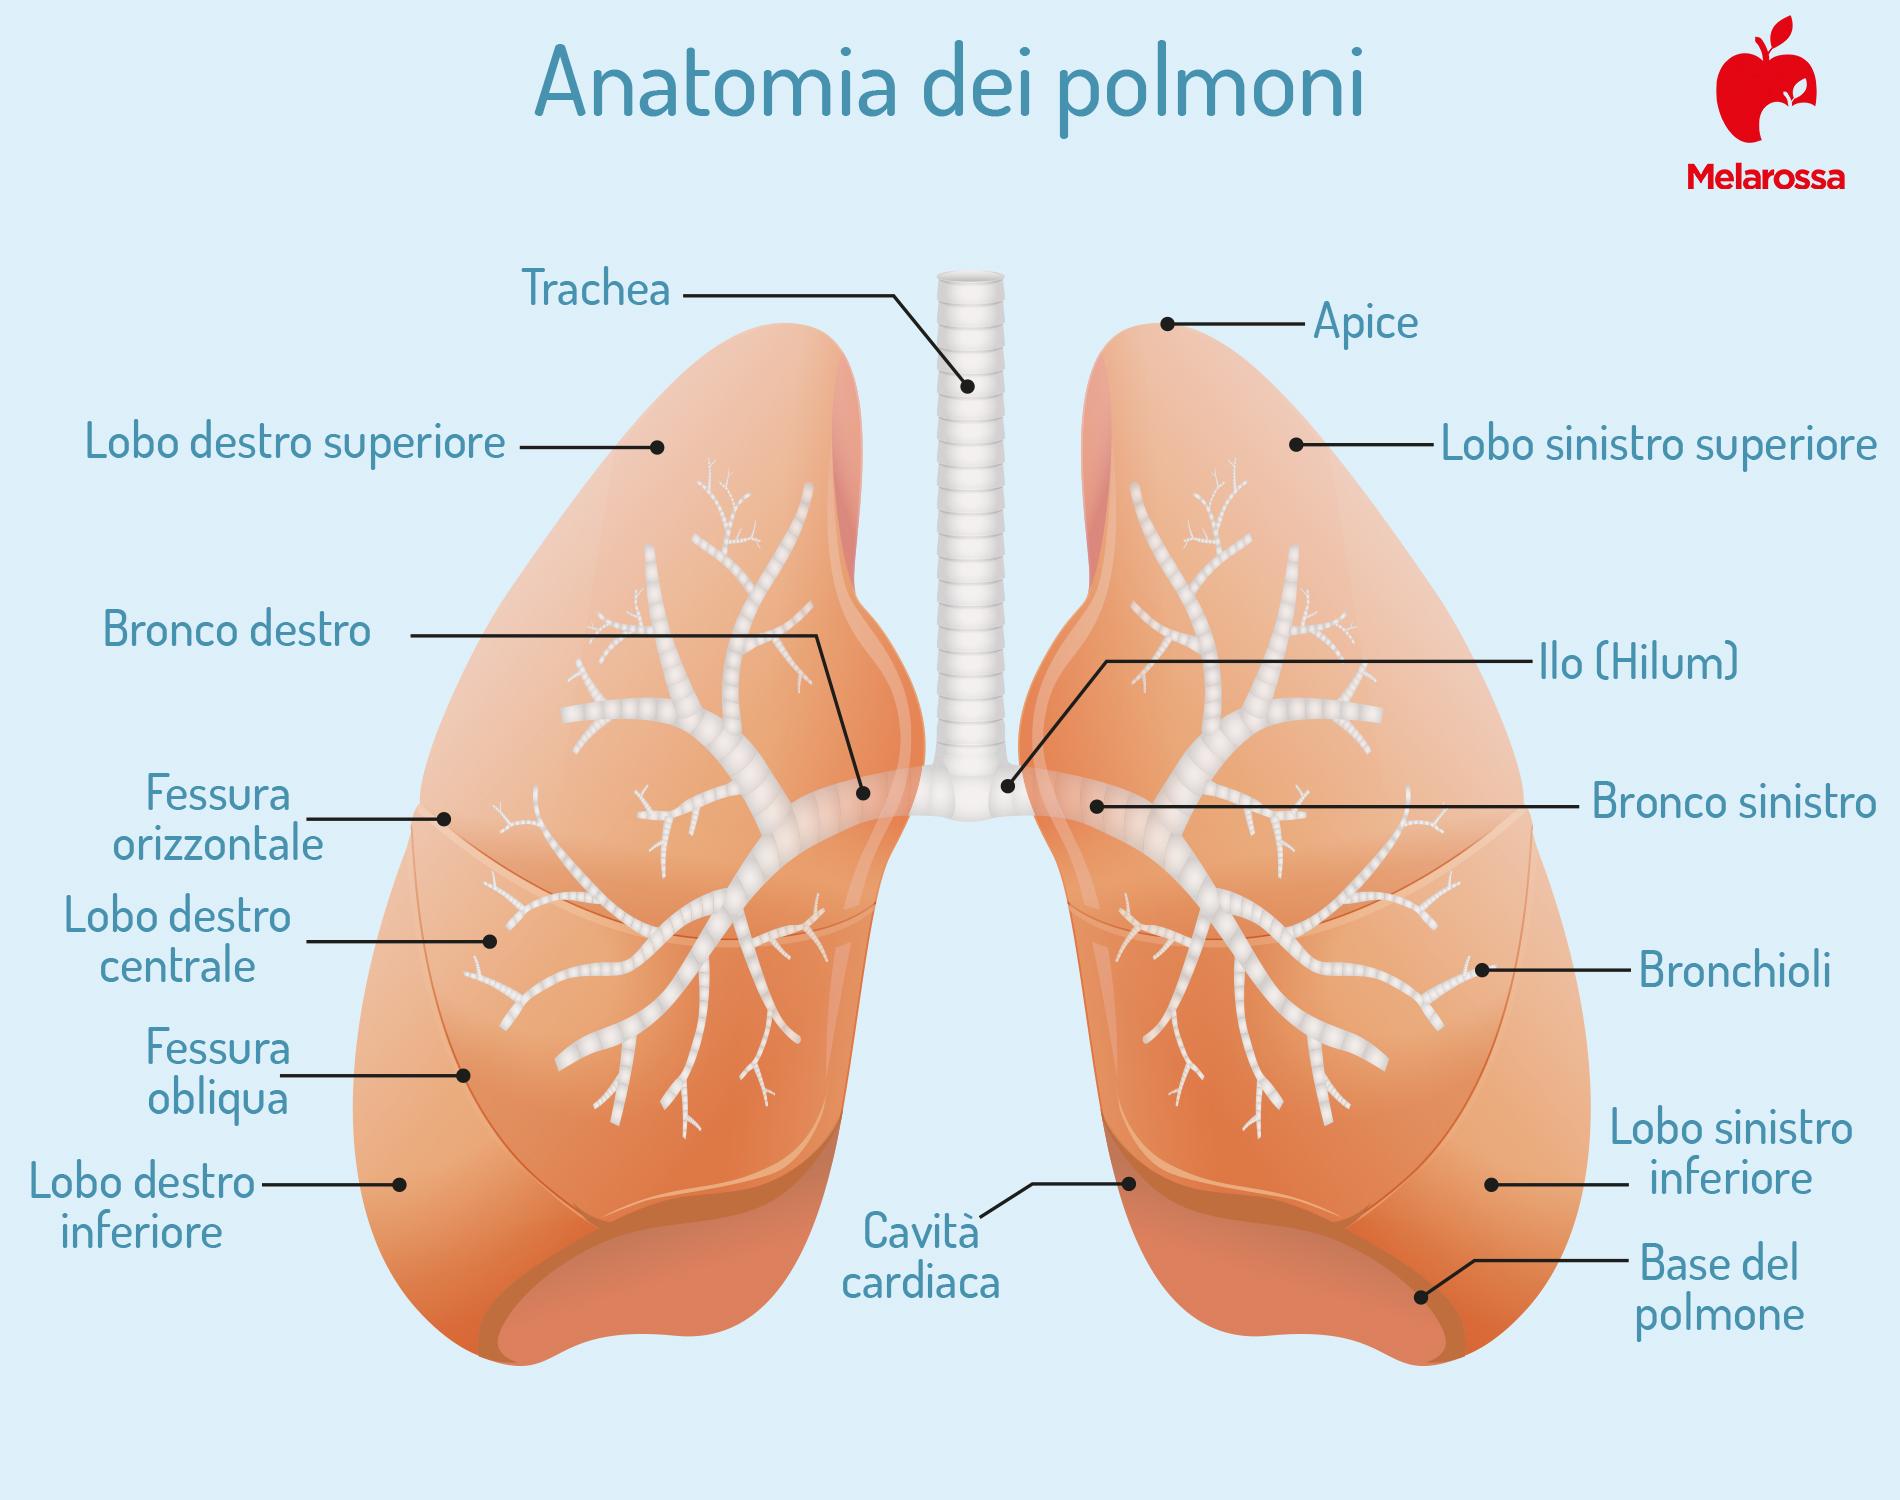 enfisema polmonare: anatomia dei polmoni